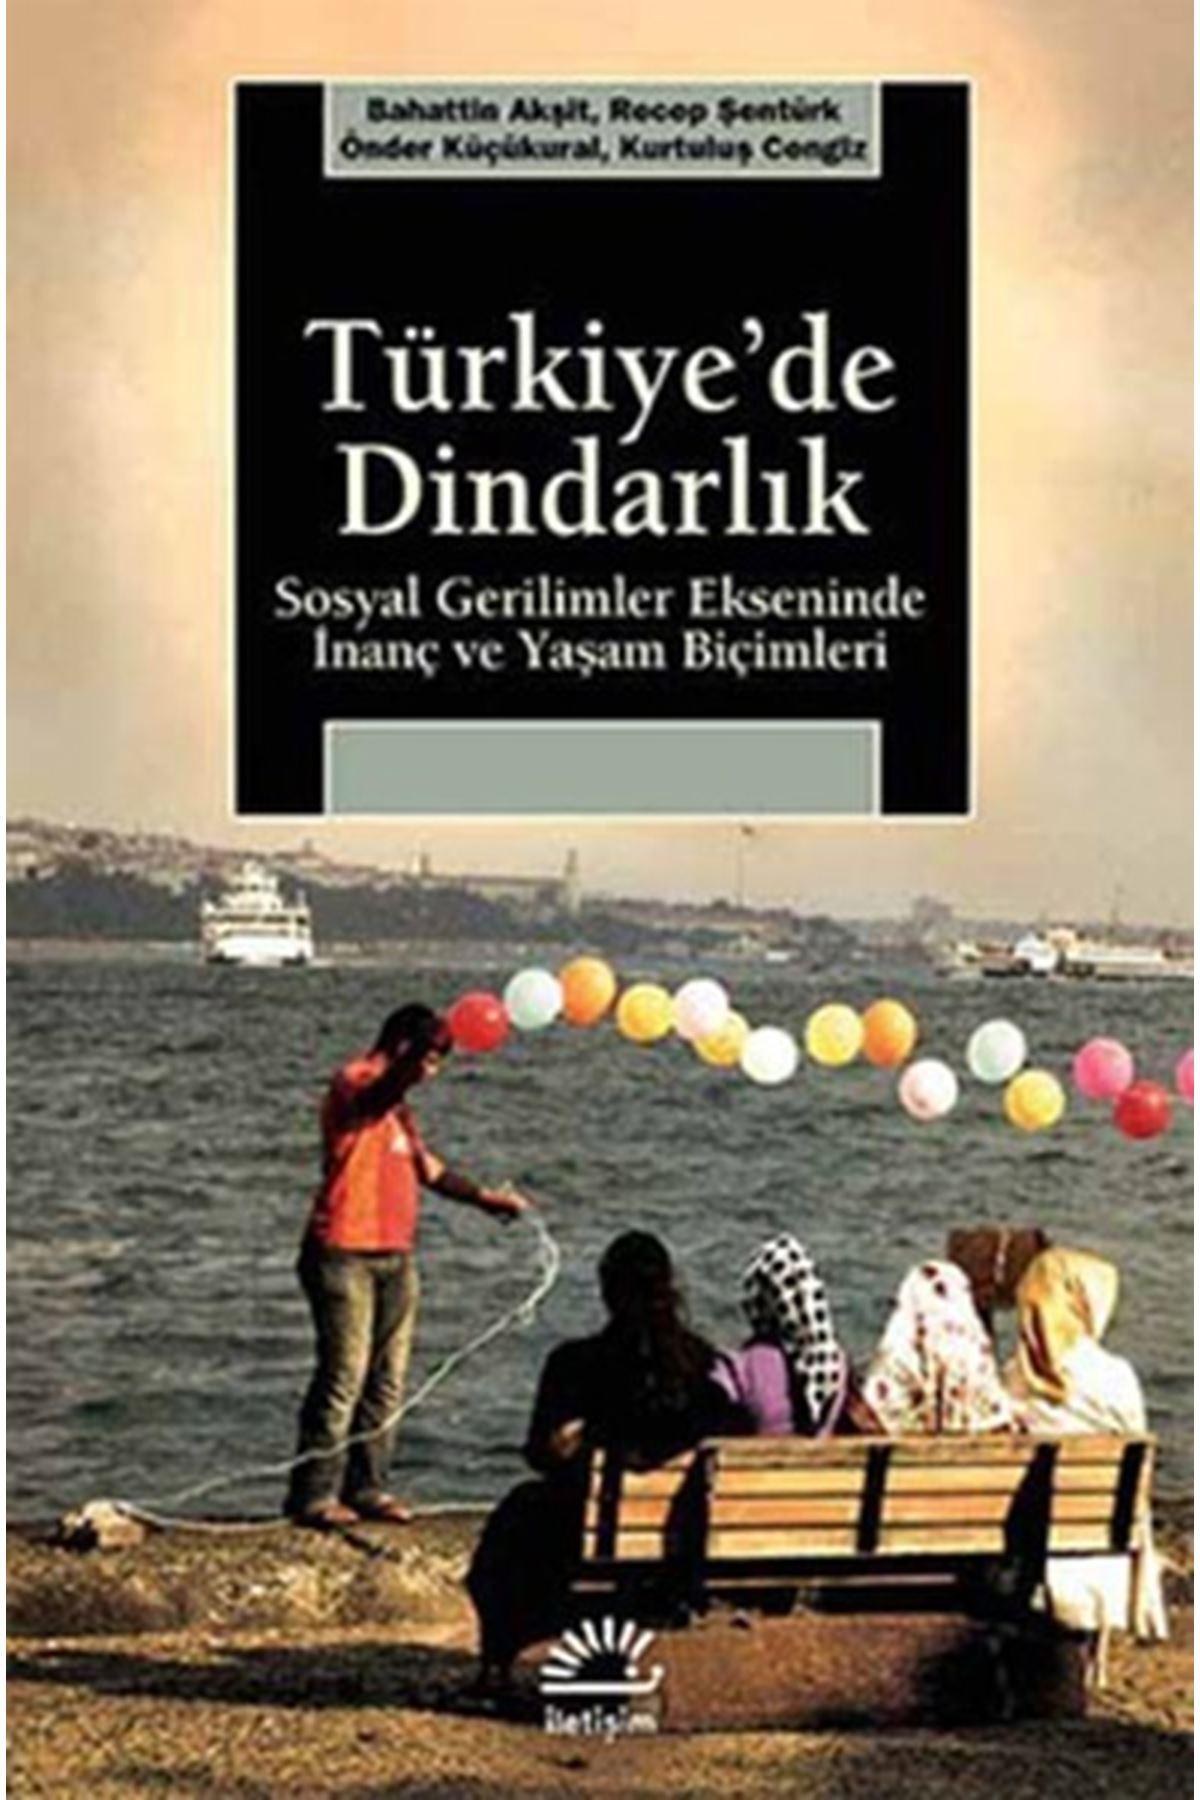 BAHATTİN AKŞİT - TÜRKİYE'DE DİNDARLIK